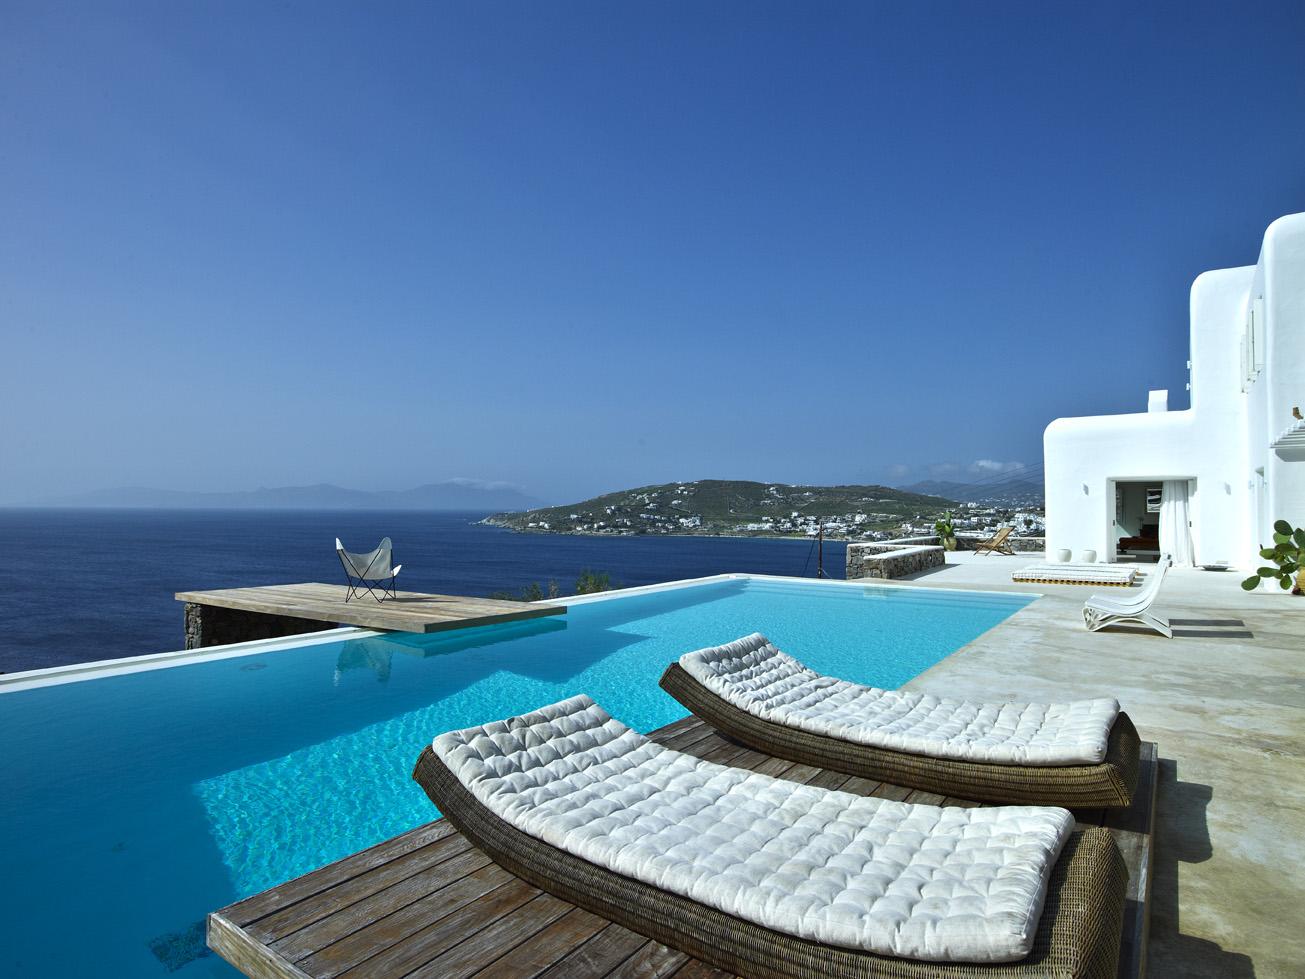 Купить дом отель в греции